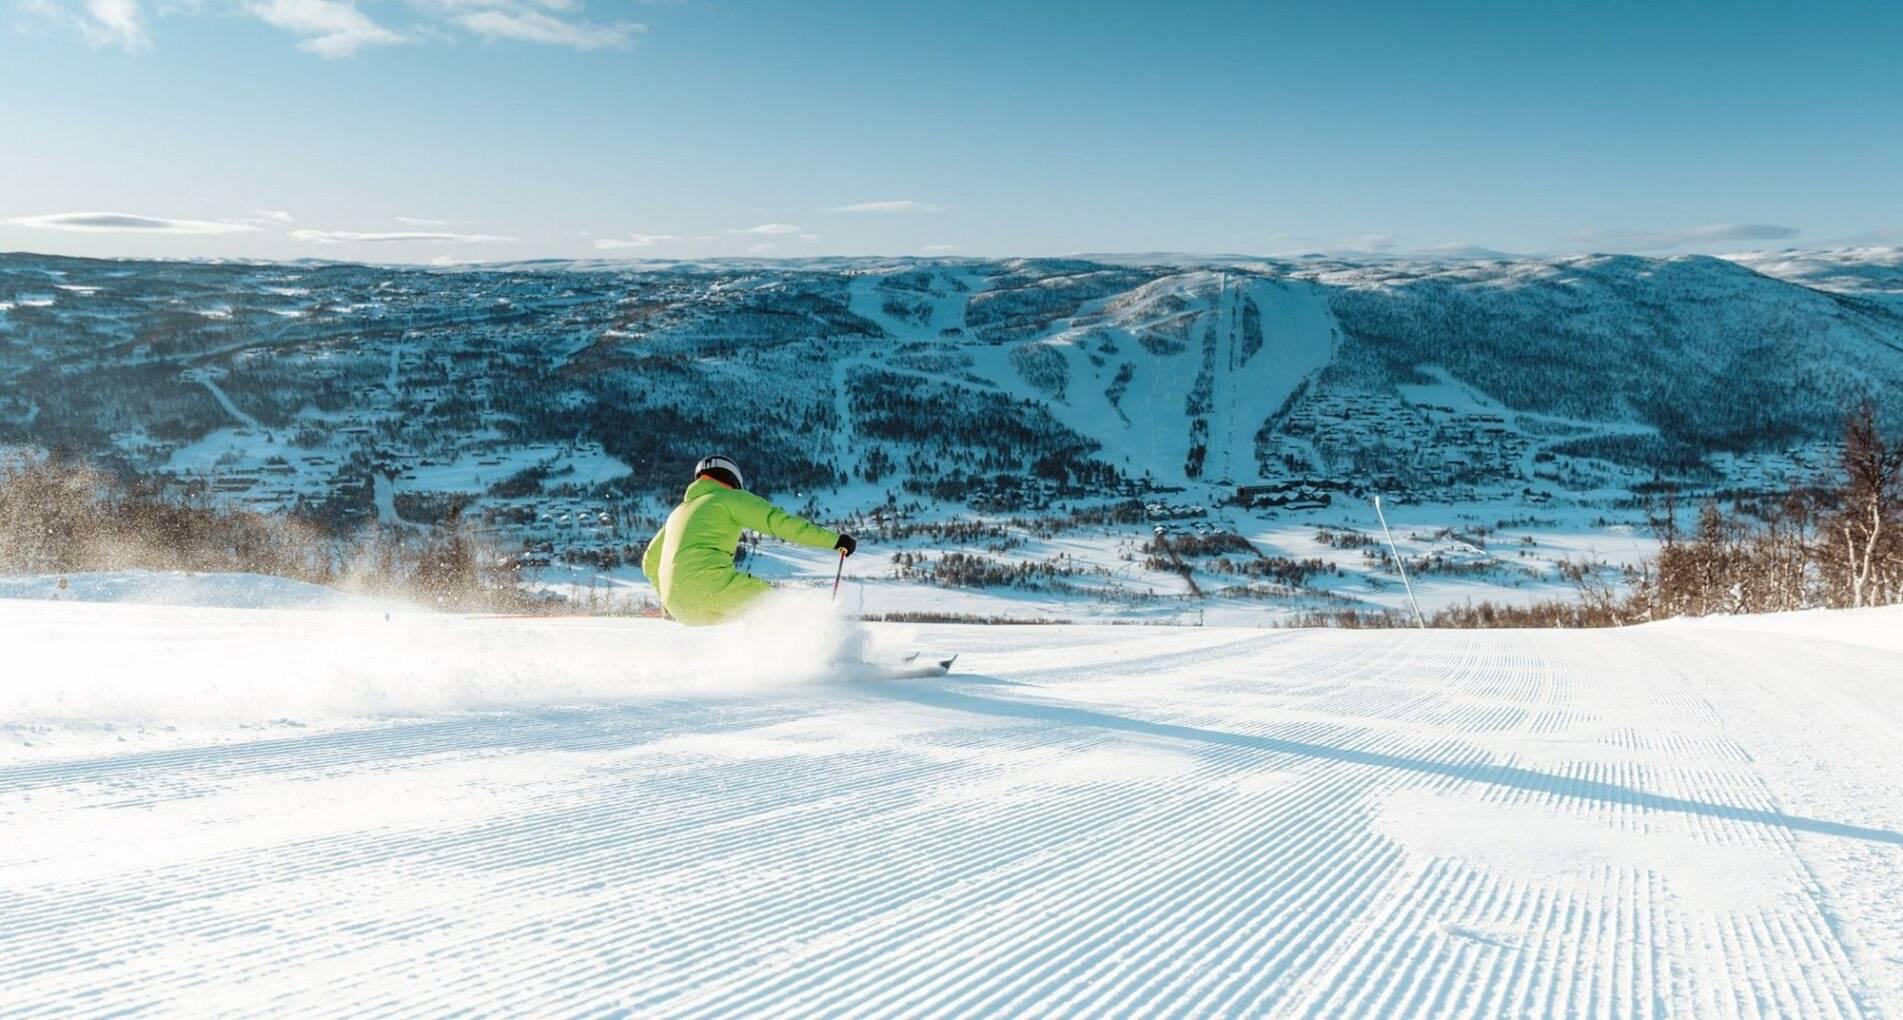 Noorwegen: Skiën in Geilo, fjorden en husky's - Noorwegen - 1